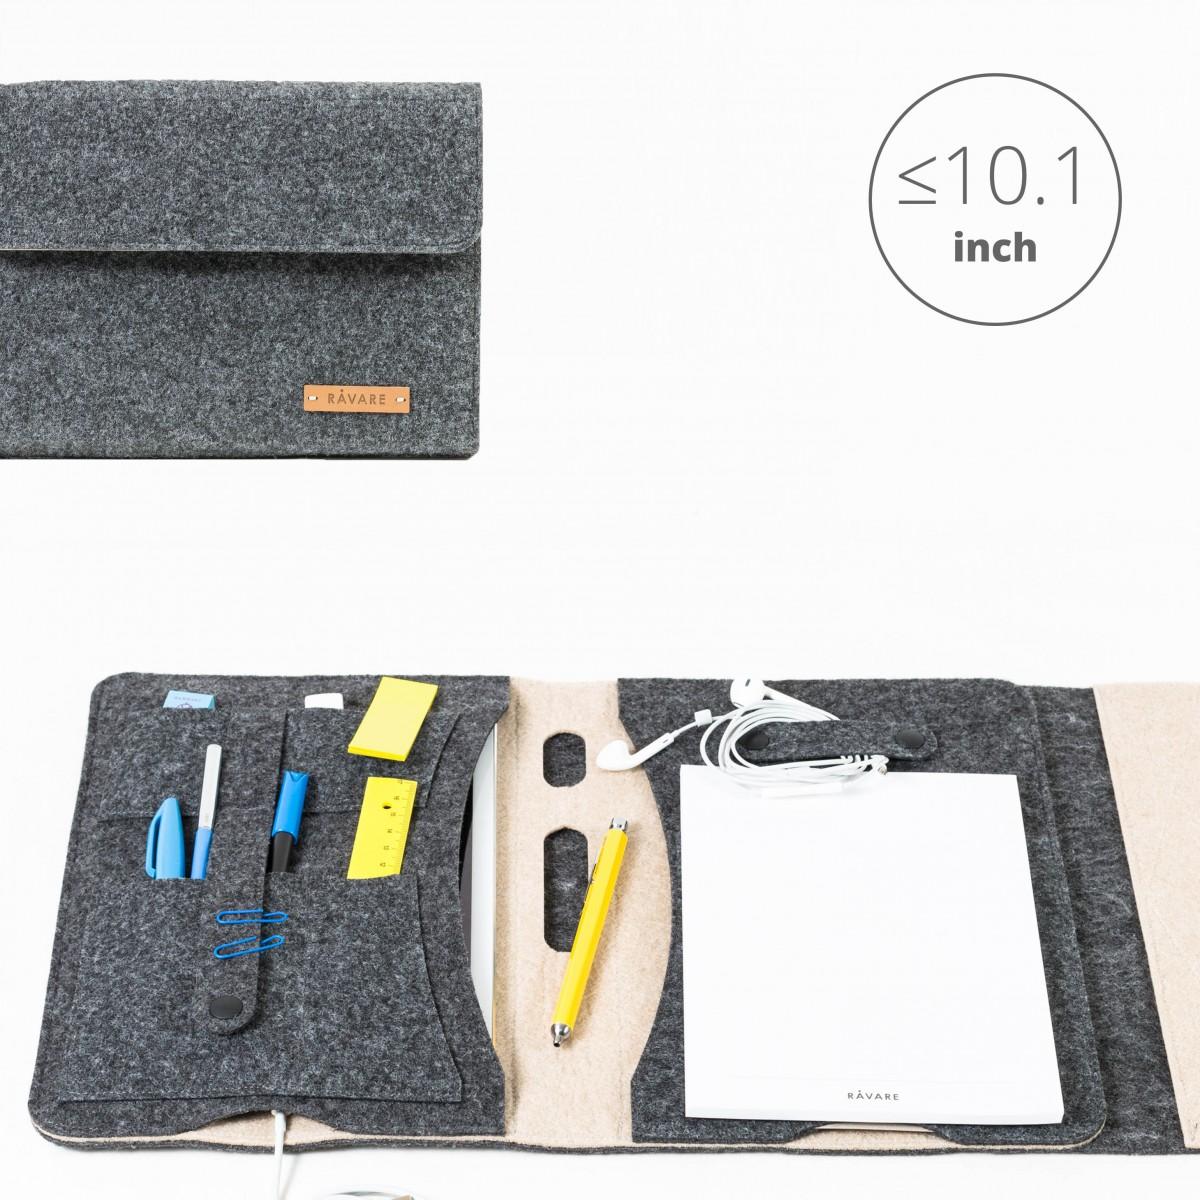 RÅVARE Tablet Organizer für kleine und mittlere Tablets ≤10.1″ mit Schreibblock, iPad, Samsung in grau-beige [KORA M]